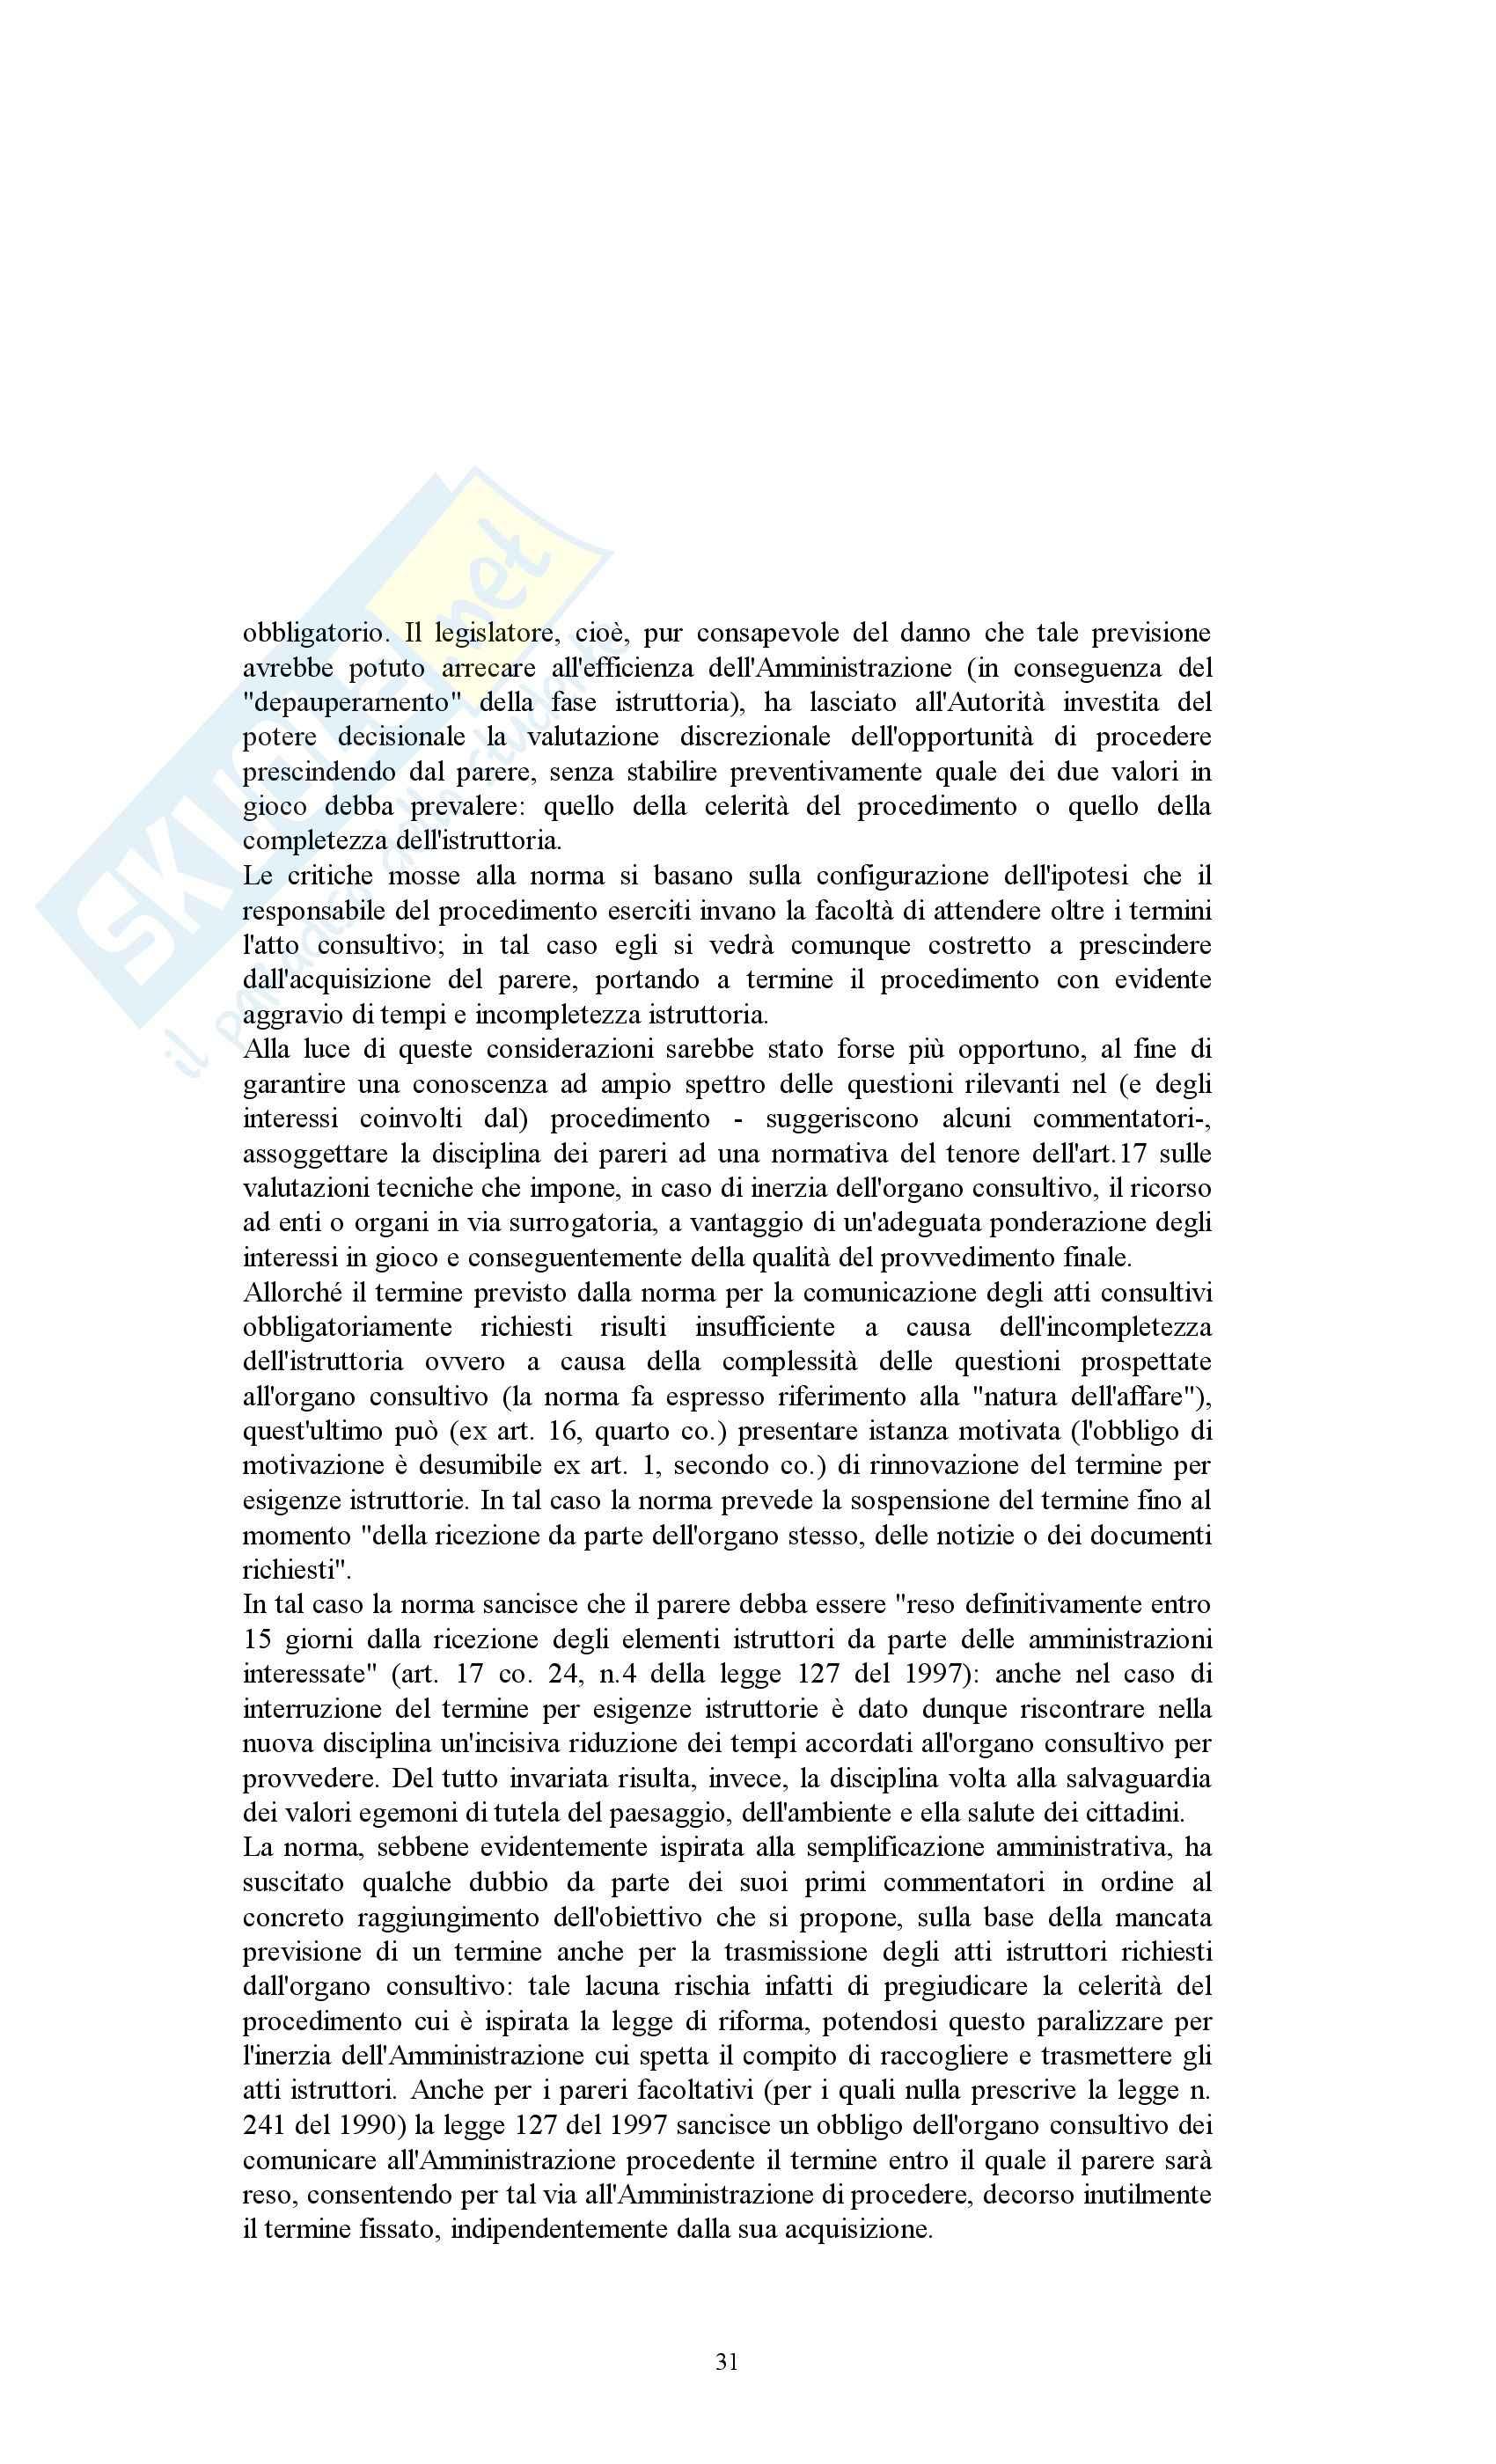 Diritto amministrativo - Appunti Pag. 31